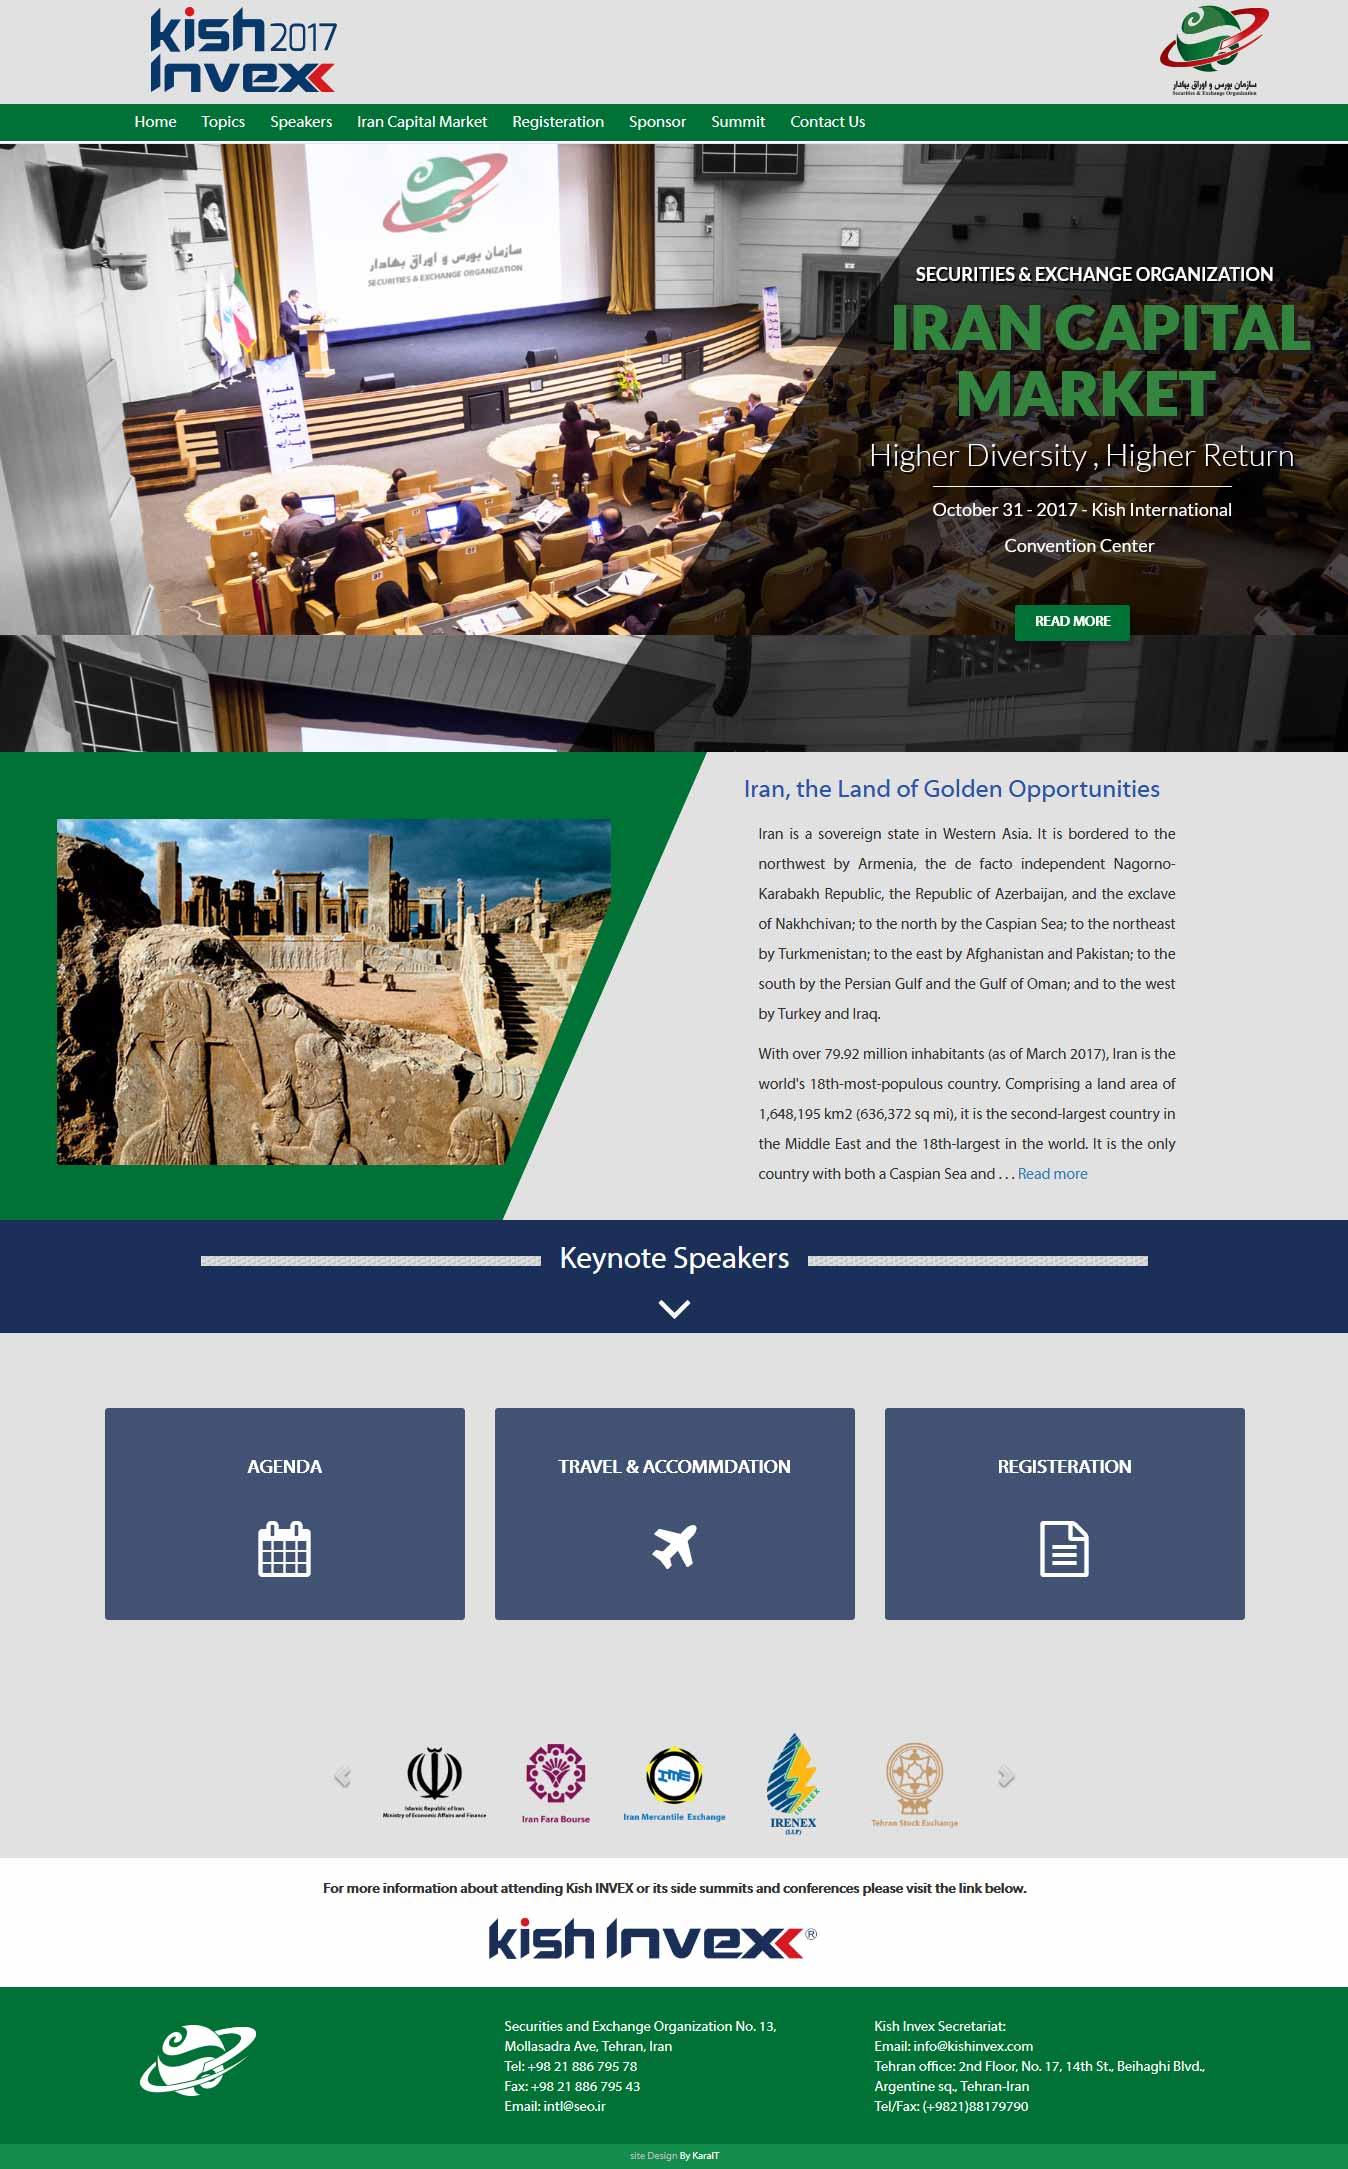 طراحی سایت سازمان بورس و اوراق بهادار کیش اینوکس